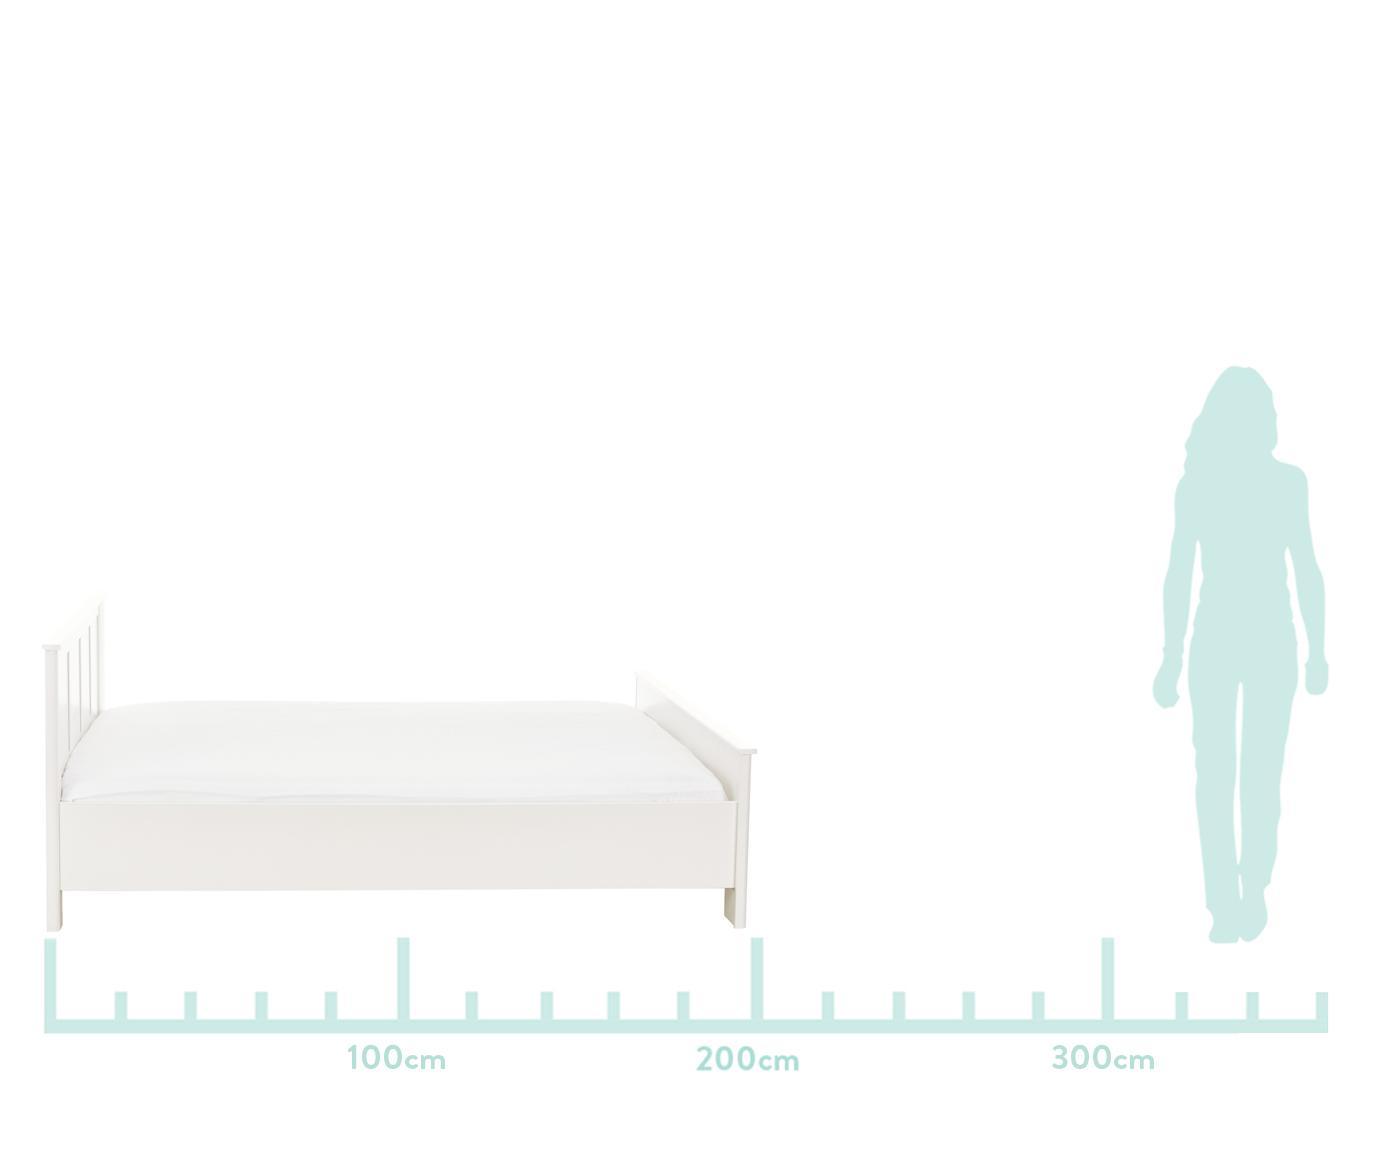 Łóżko z drewna Chalet, Płyta wiórowa, foliowana, Biały, 160 x 200 cm